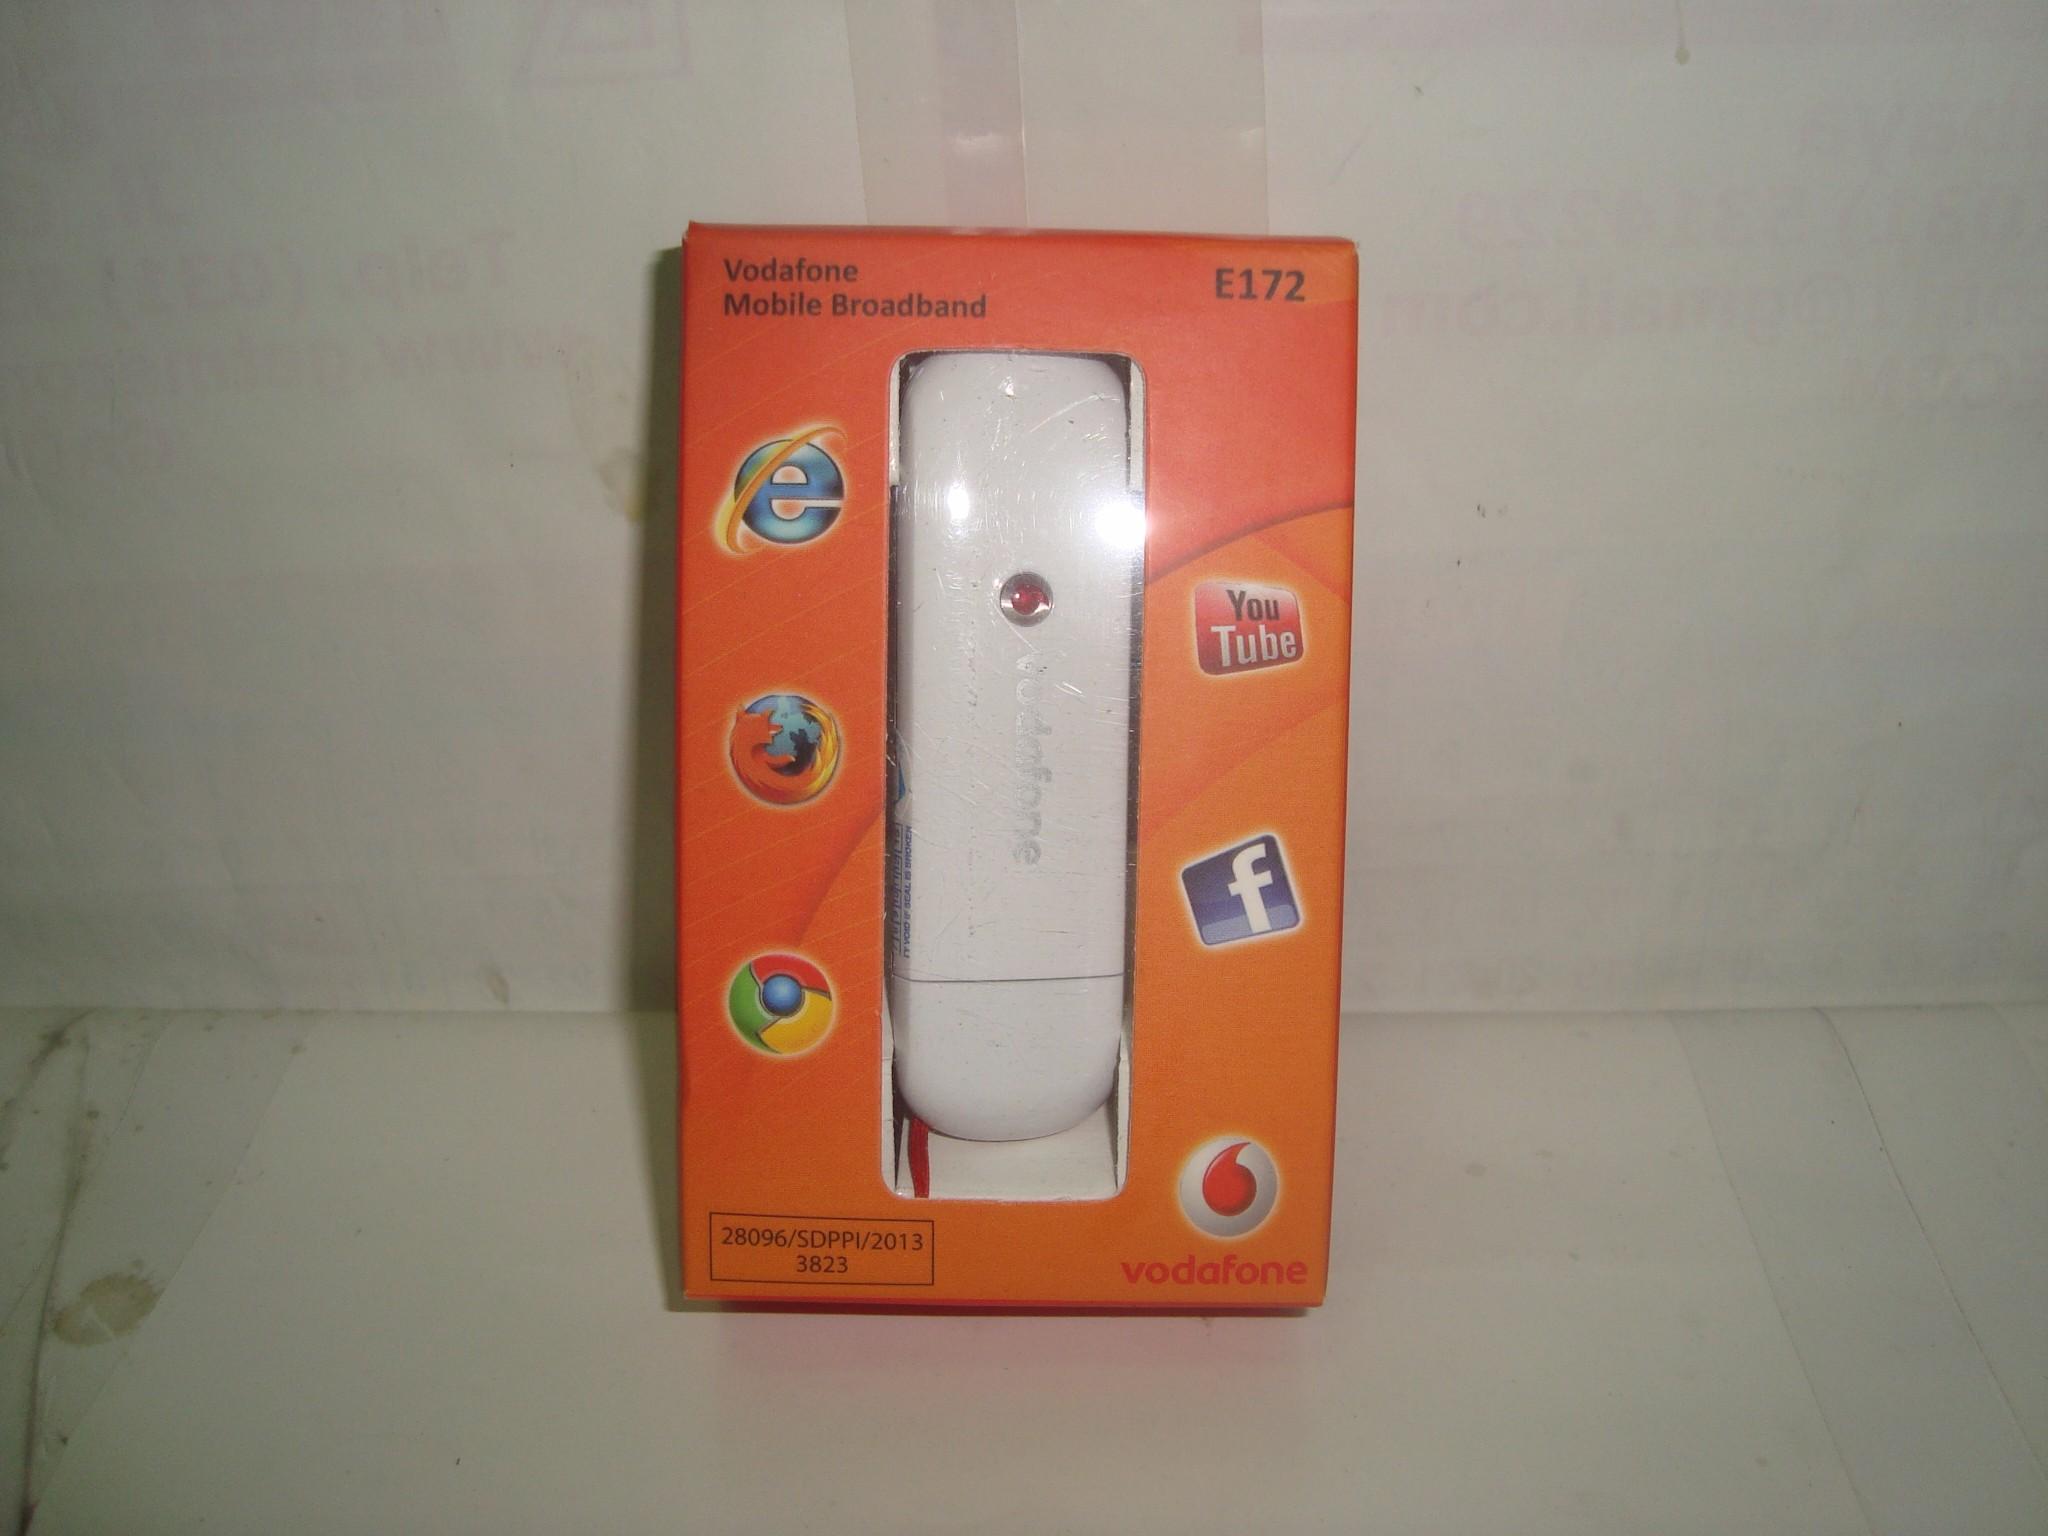 Vodafone e172